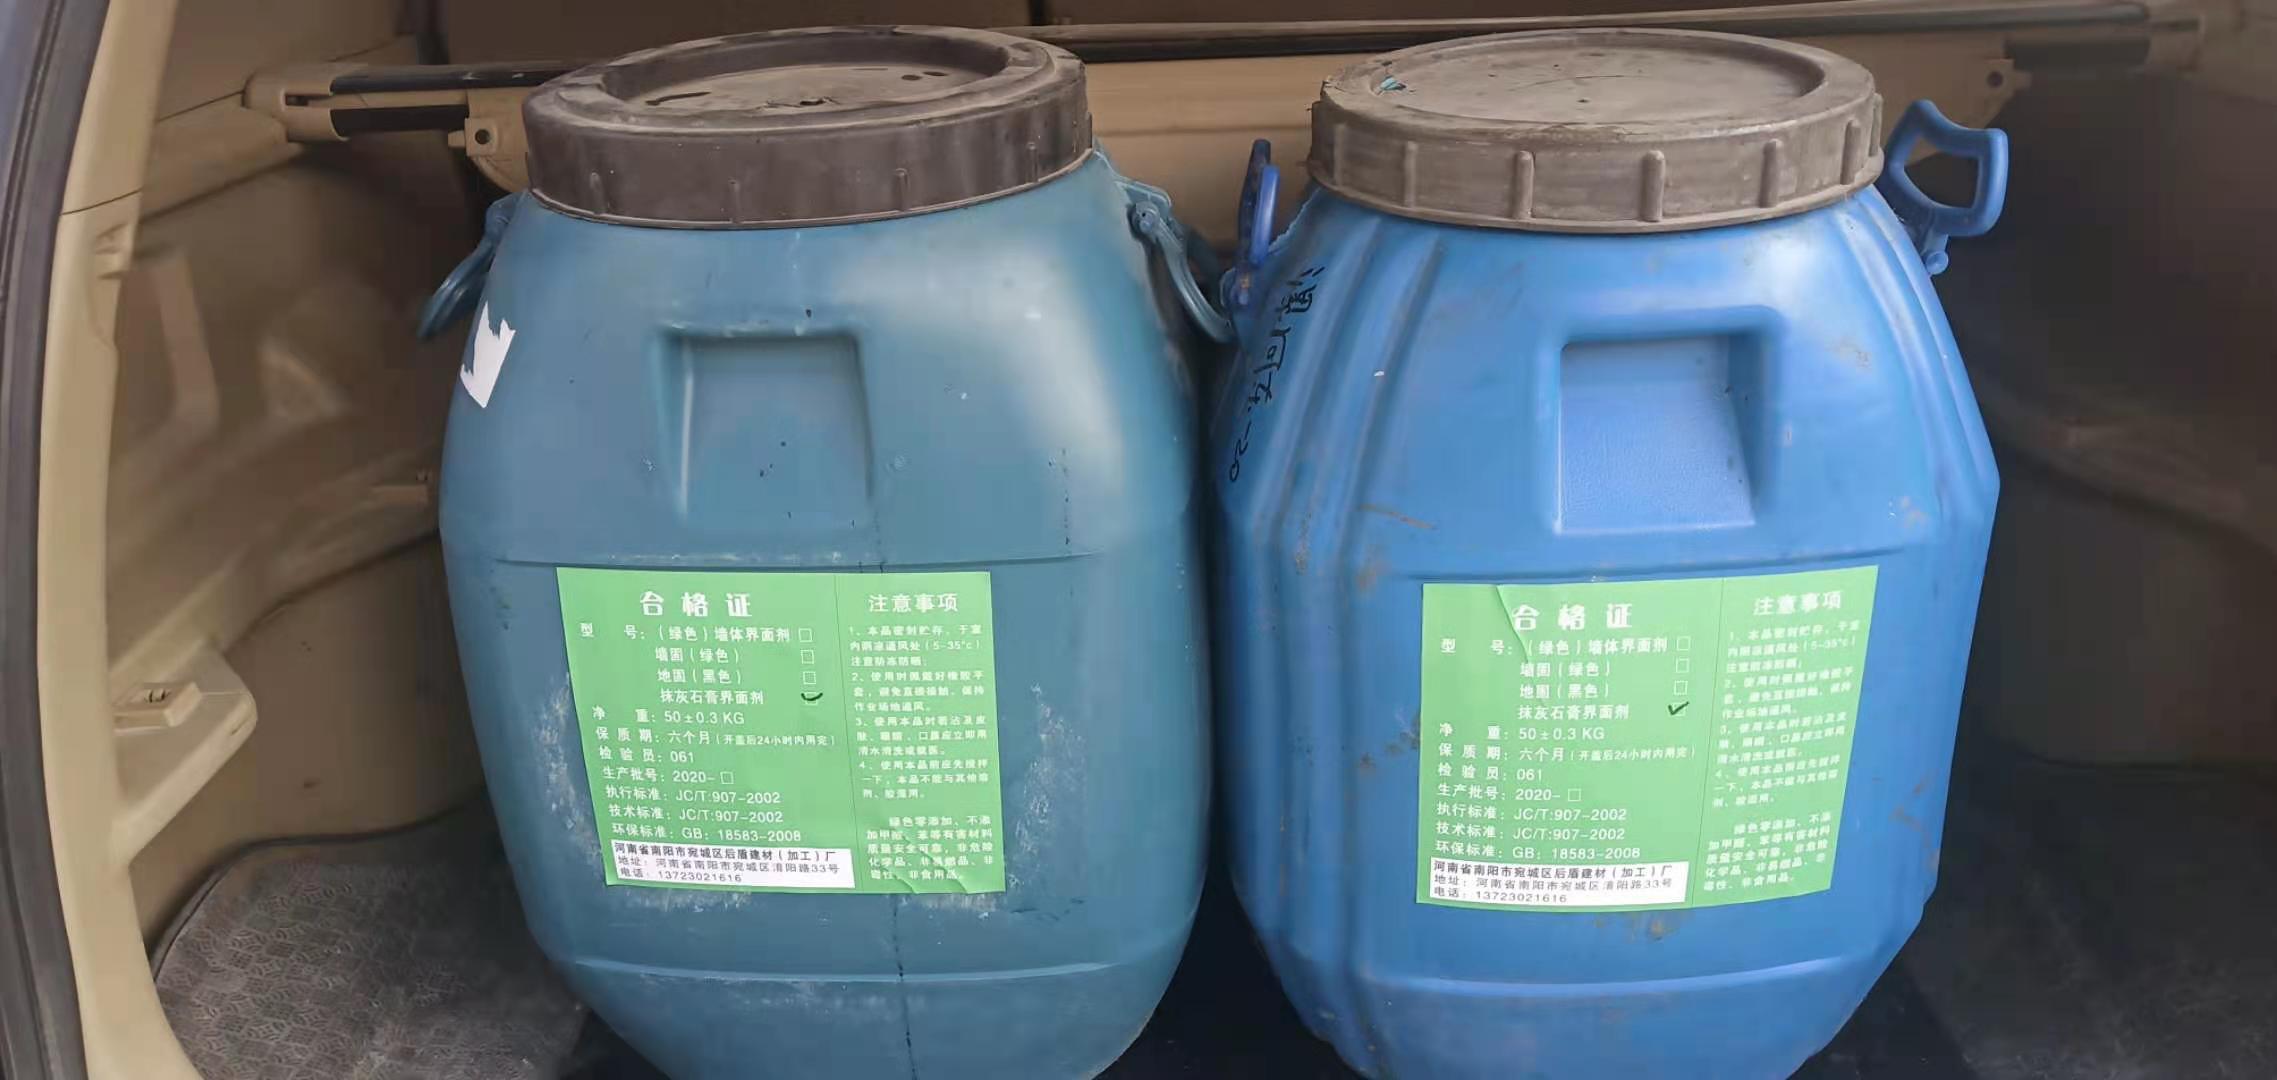 抹灰石膏界面剂供应-石膏界面剂施工-墙体界面剂施工